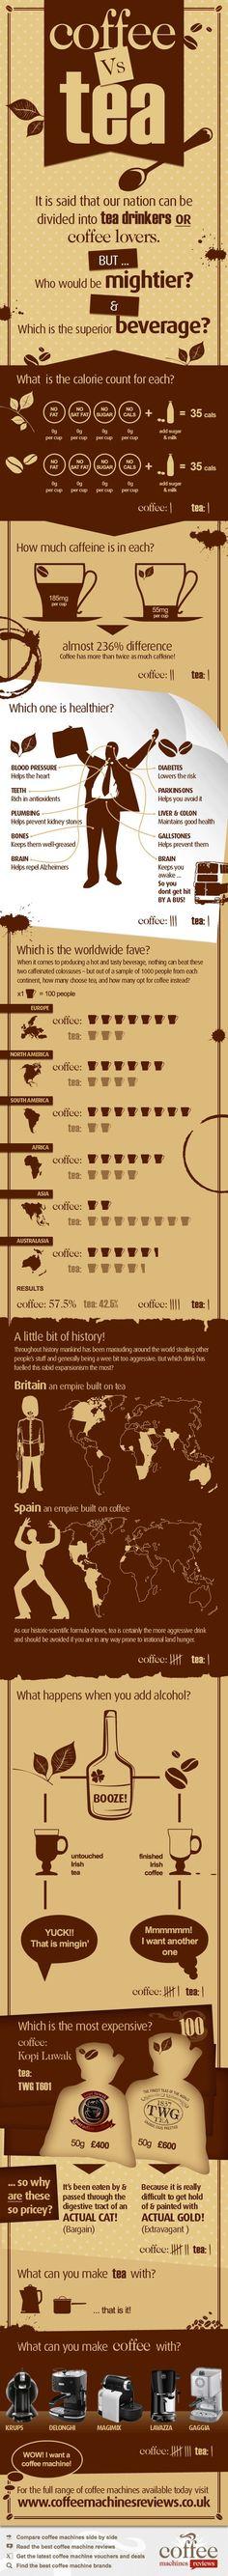 The o caffè: l'infografica sulle qualità e la diffusione mondiale delle due bevande repinned by www.BlickeDeeler.de